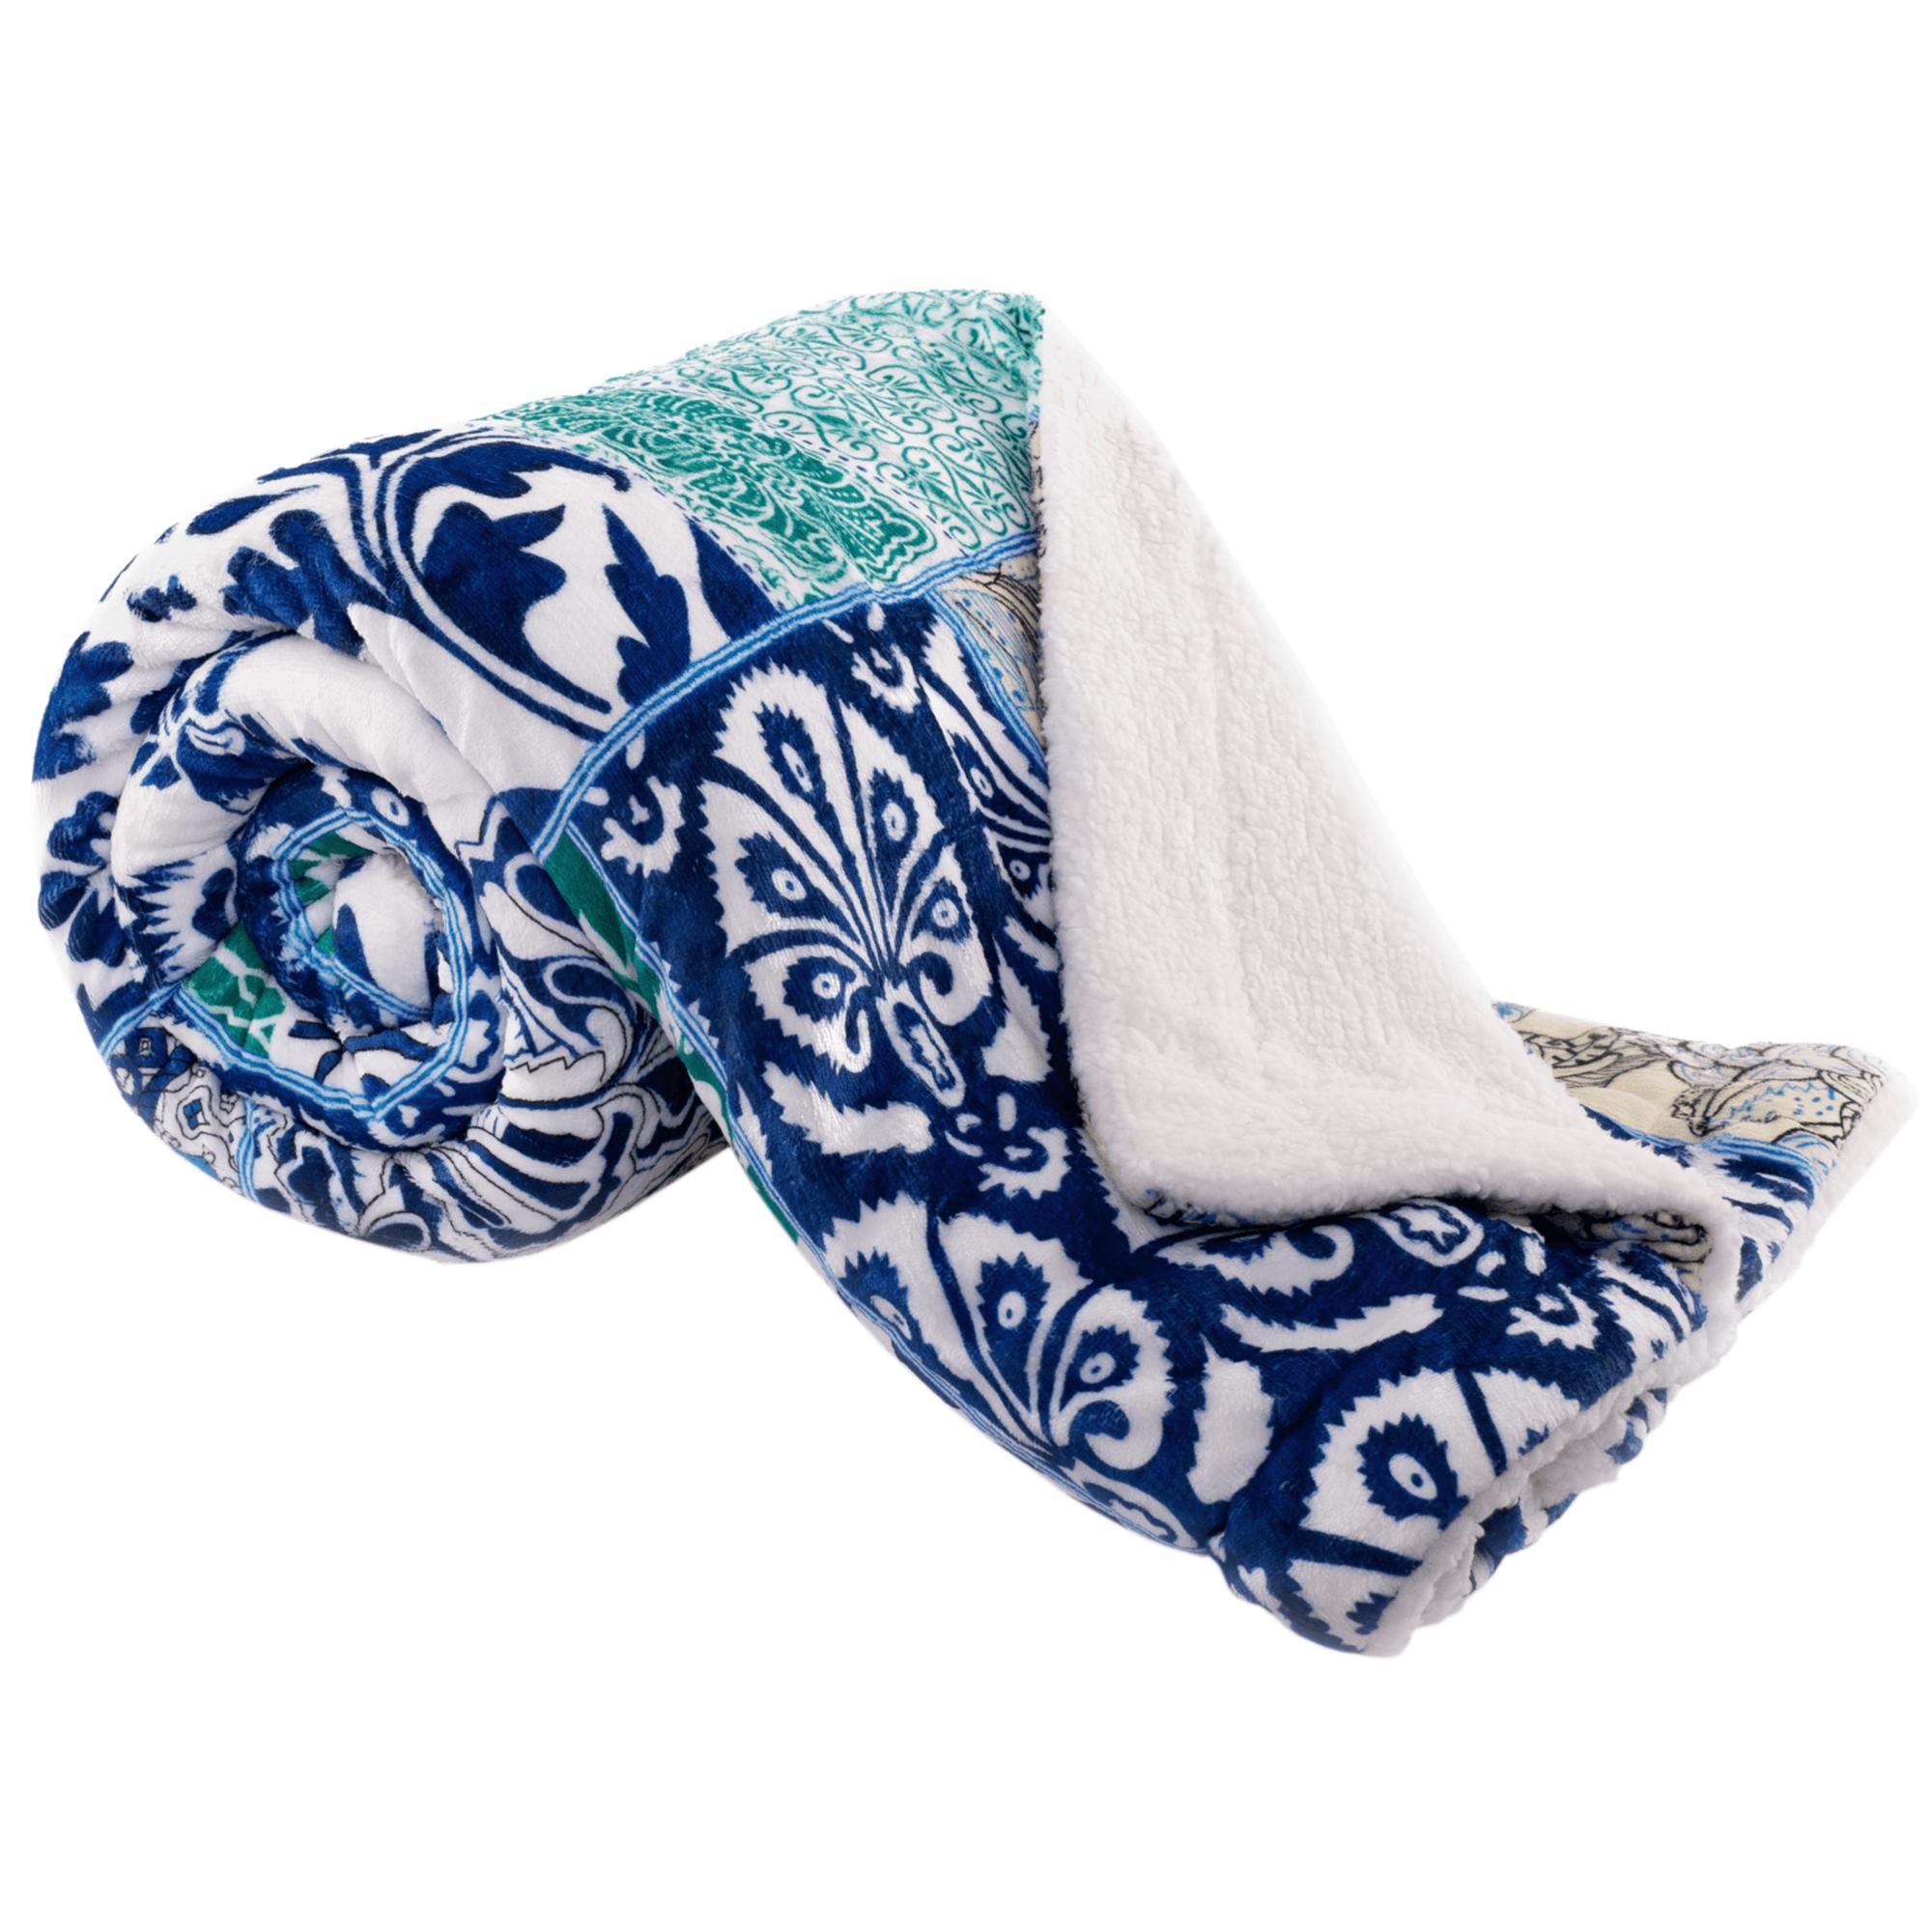 Pătură moale faţă-verso, albastru / verde / model, 150x200cm, VILNUS TYPE 1